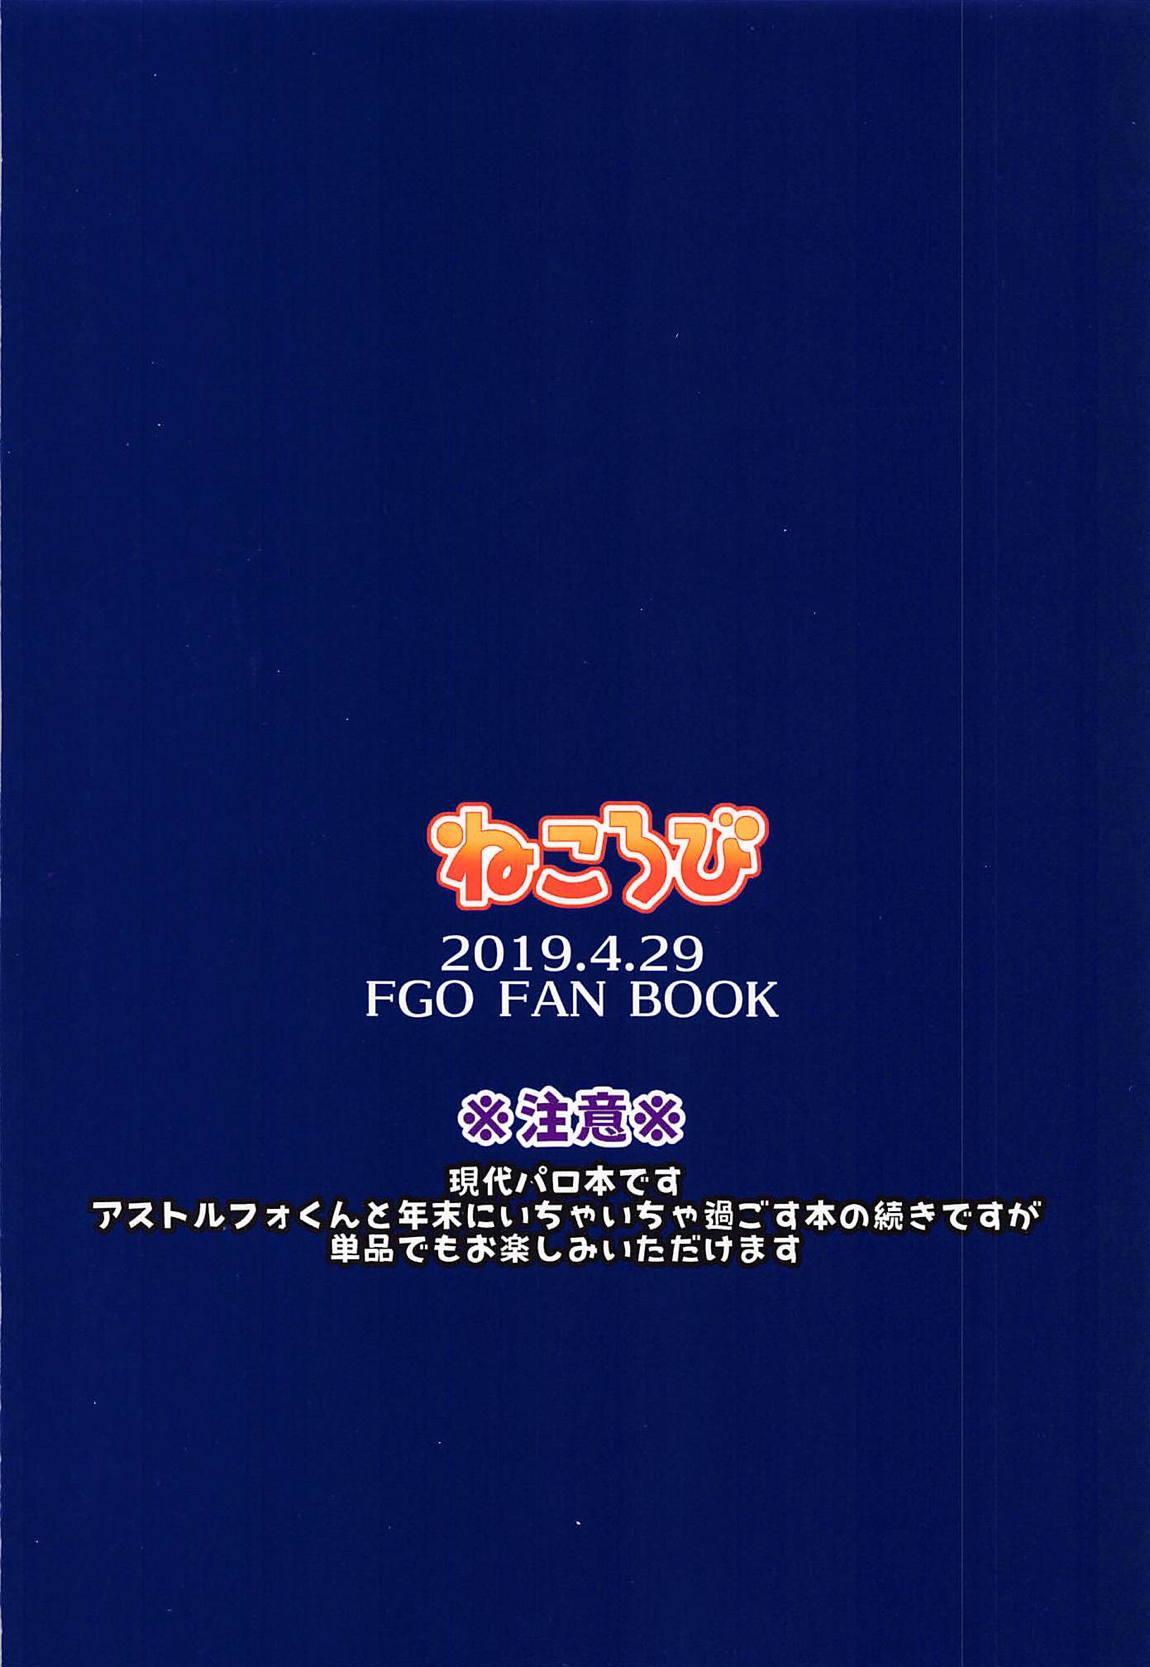 Boku no Risei ga Fukkatsu Shitara Master no Risei ga Jouhatsu Shimashita 33